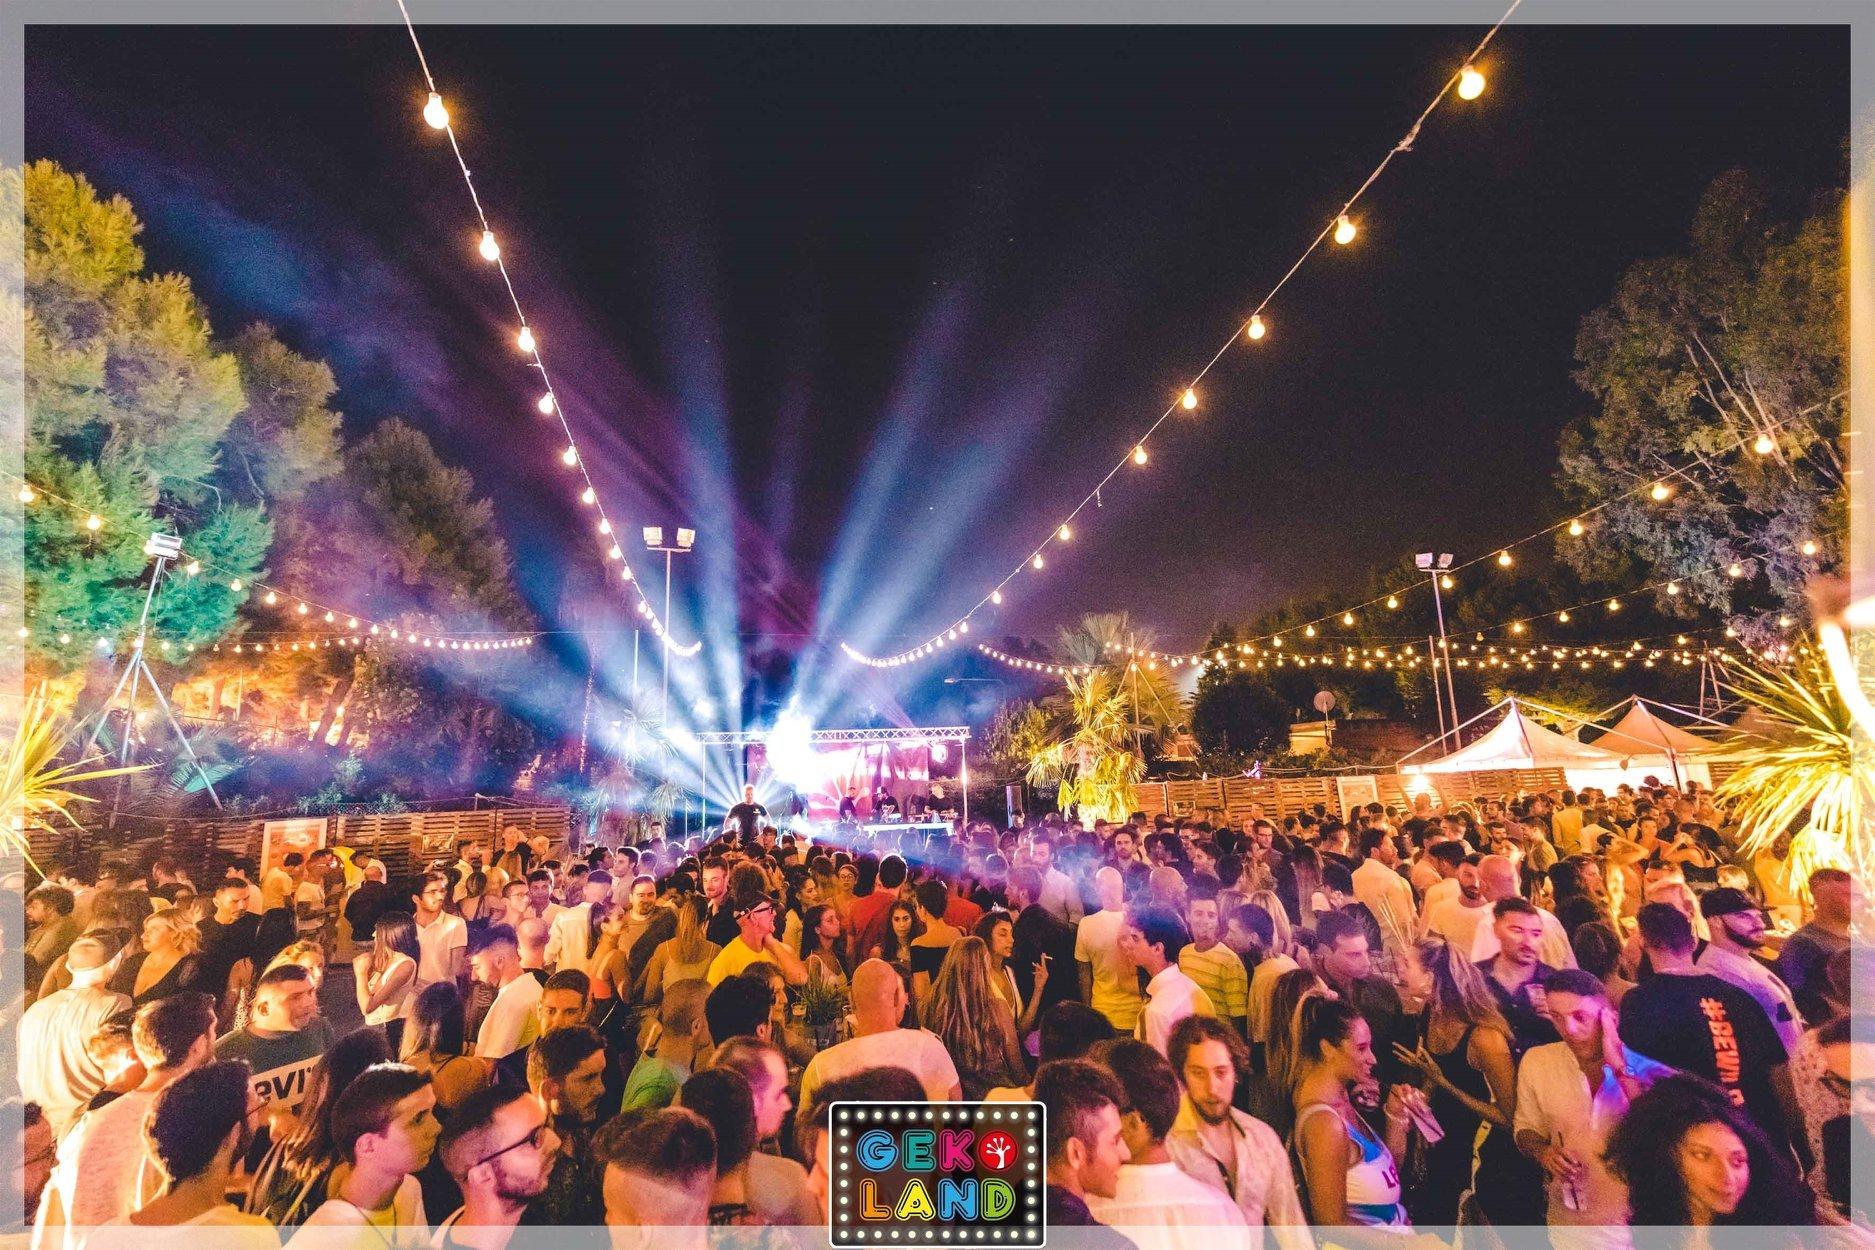 Discoteca Geko di San Benedetto Del Tronto, Ferragosto 2021 parte II